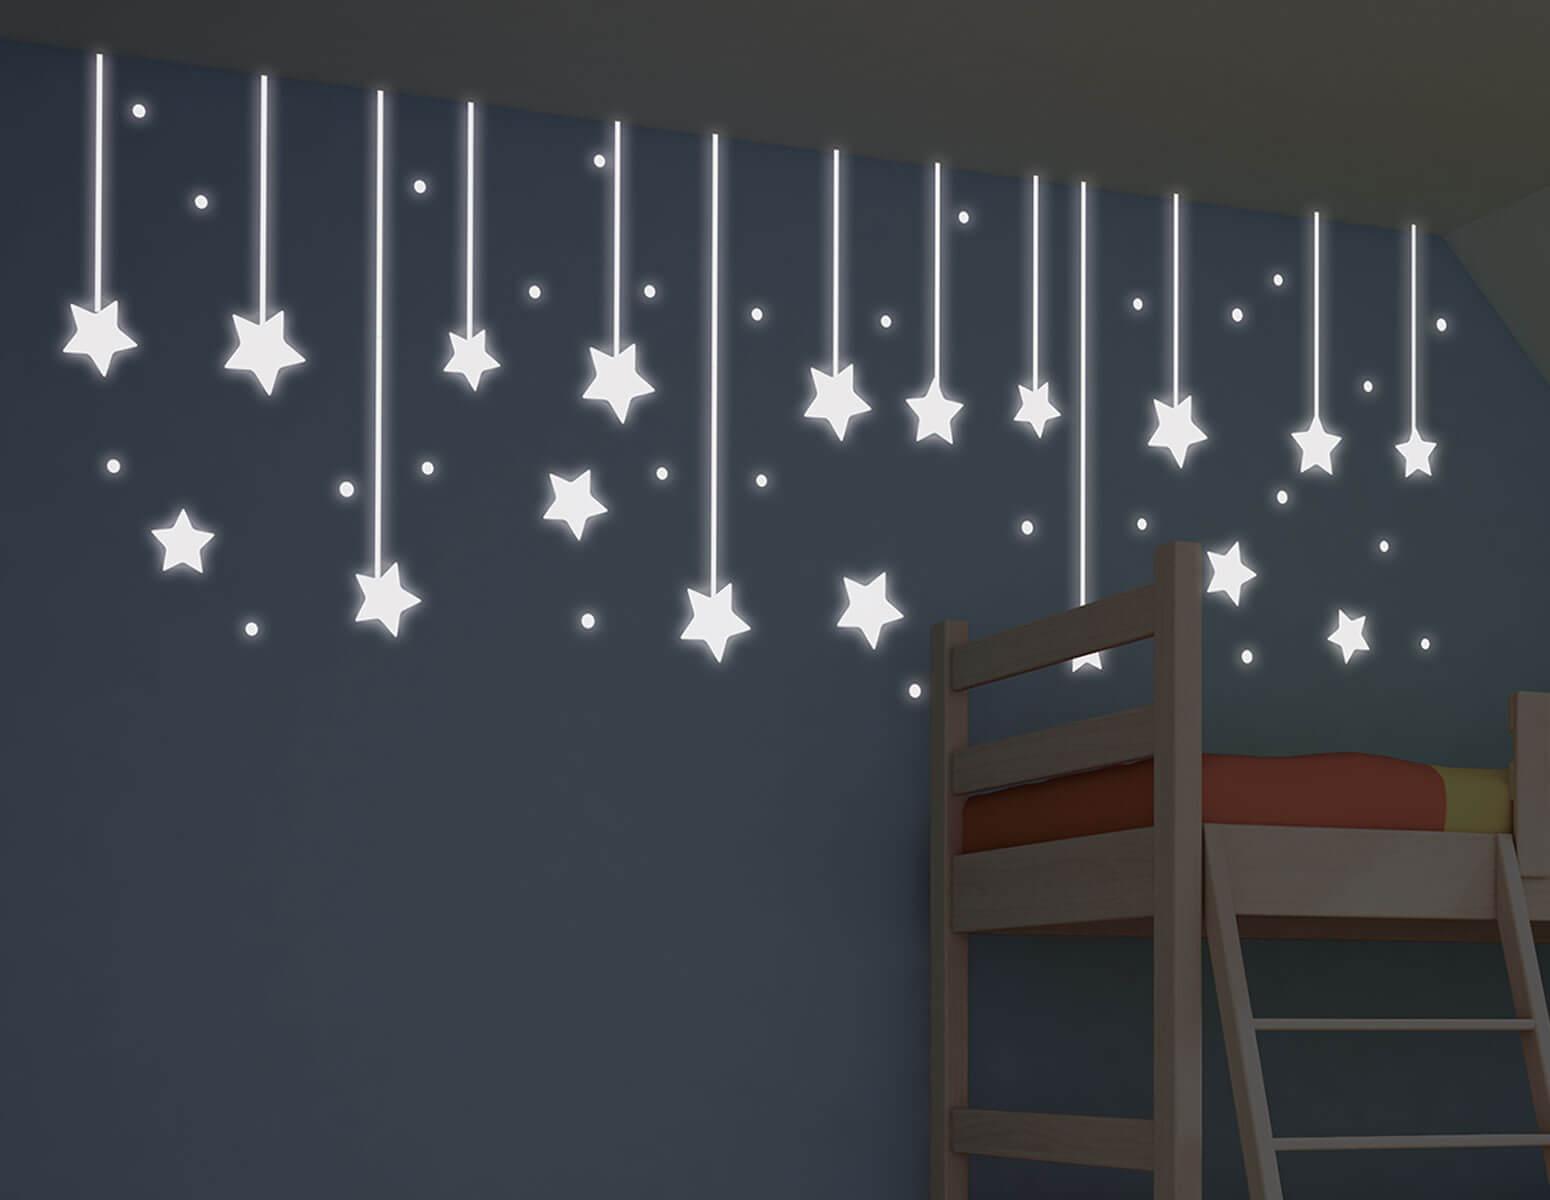 Αυτοκόλλητο Τοίχου Φωσφοριζέ Hanging Stars Ango 200×65εκ. 79227 – ango – ANGO_79227